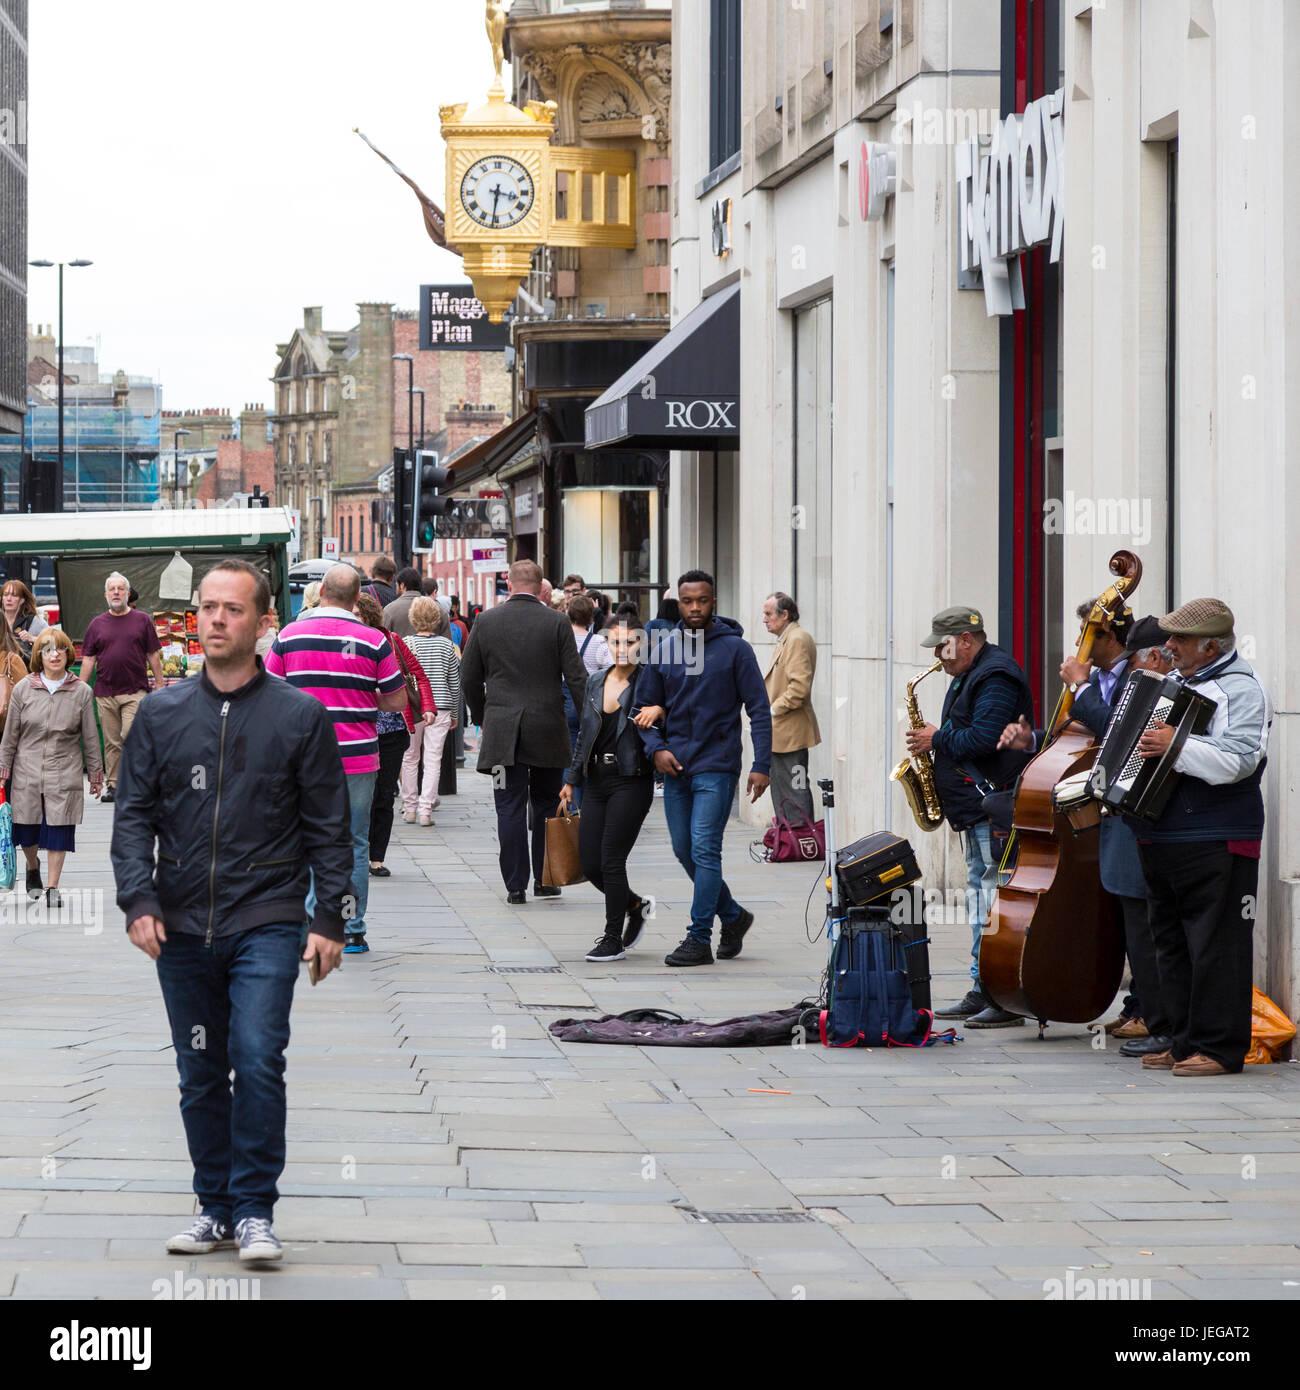 Newcastle-upon-Tyne, Angleterre, Royaume-Uni. Scène de rue Northumberland avec les musiciens et les piétons. Photo Stock